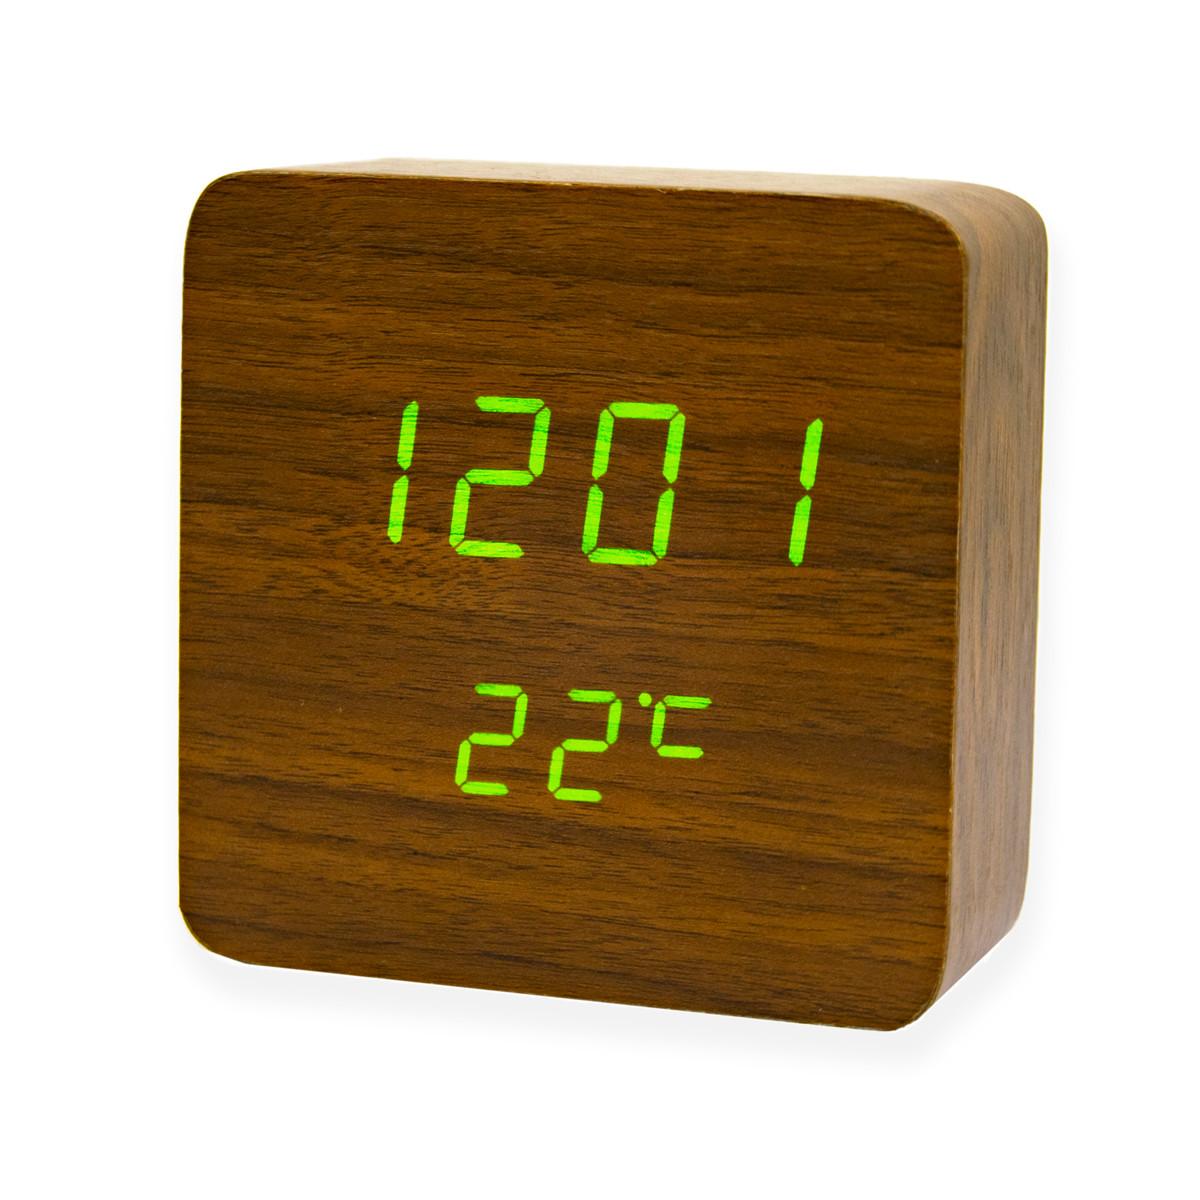 Часы настольные электронные VST-872 Коричневое дерево, светодиодные led часы с термометром на батарейках (ST)